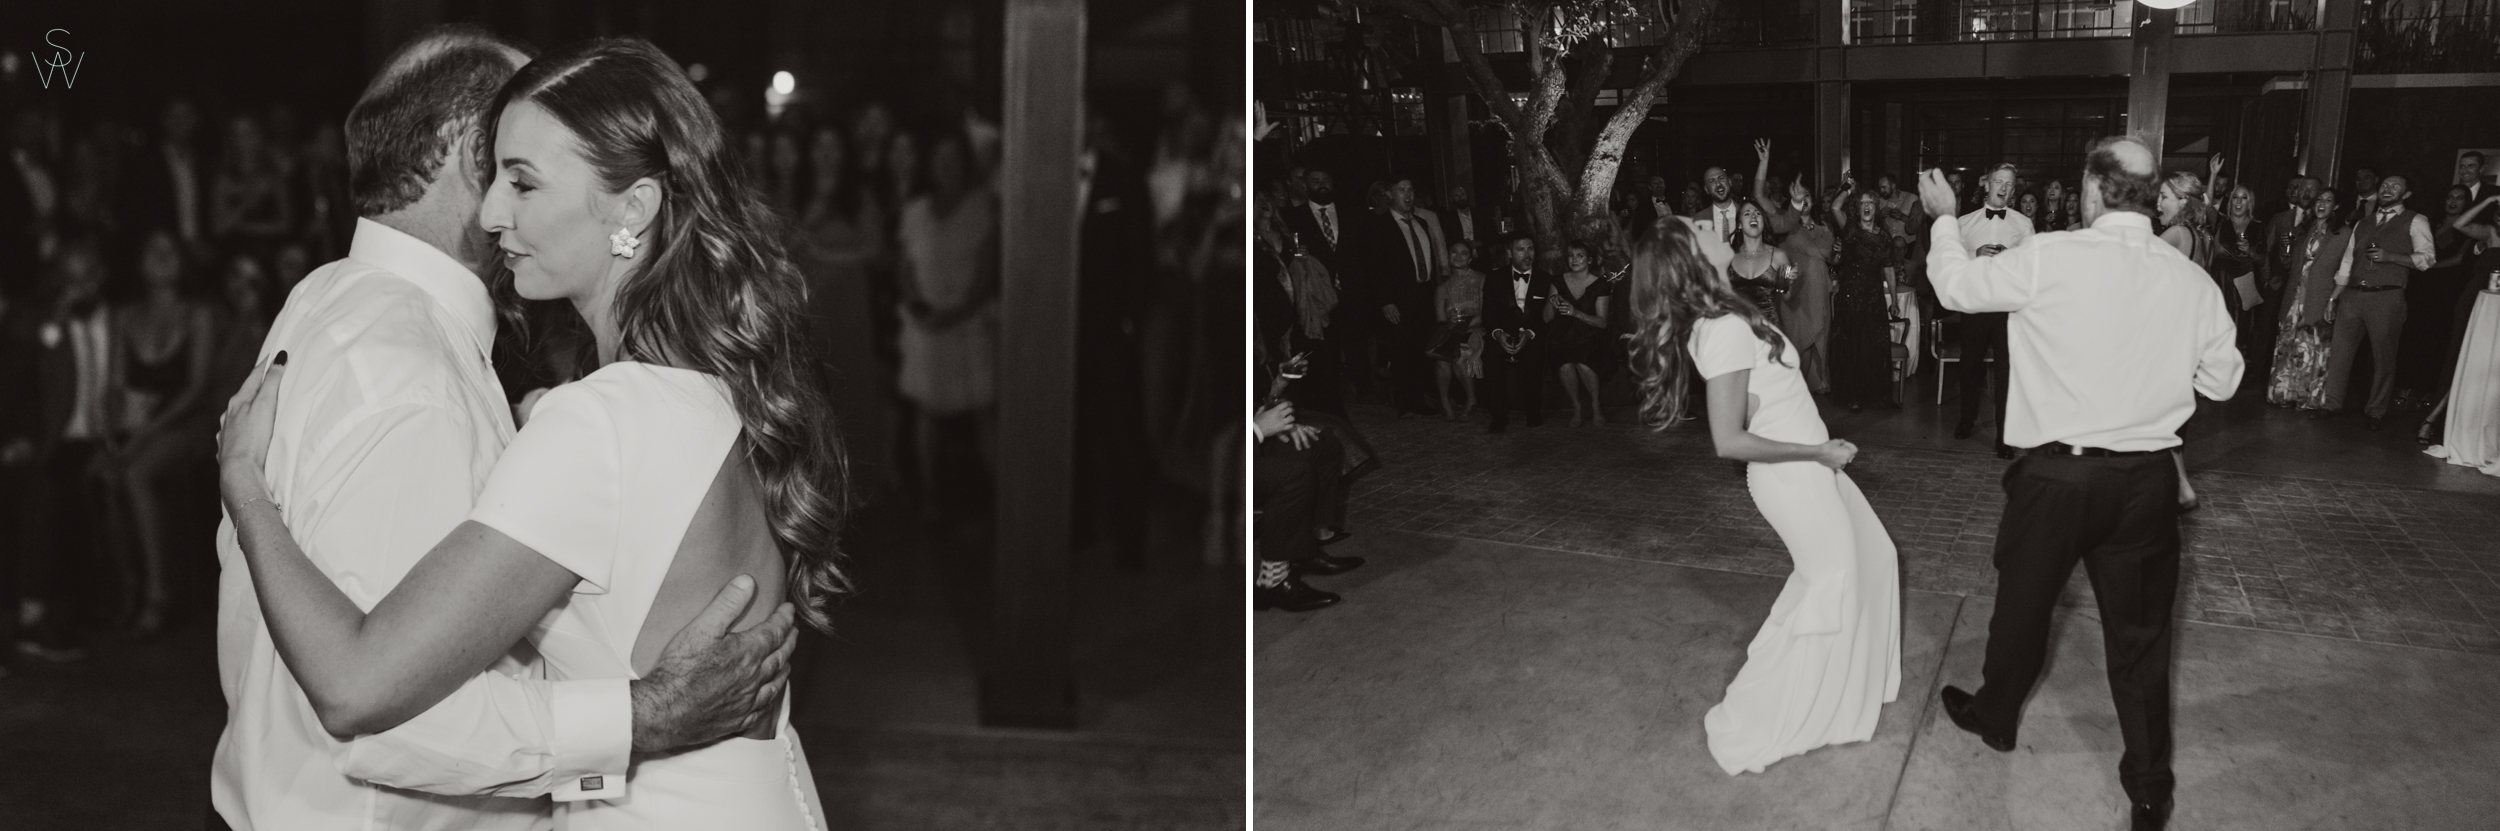 182THE.UNDERGROUND.ELEPHANT.wedding.photography.shewanders.JPG